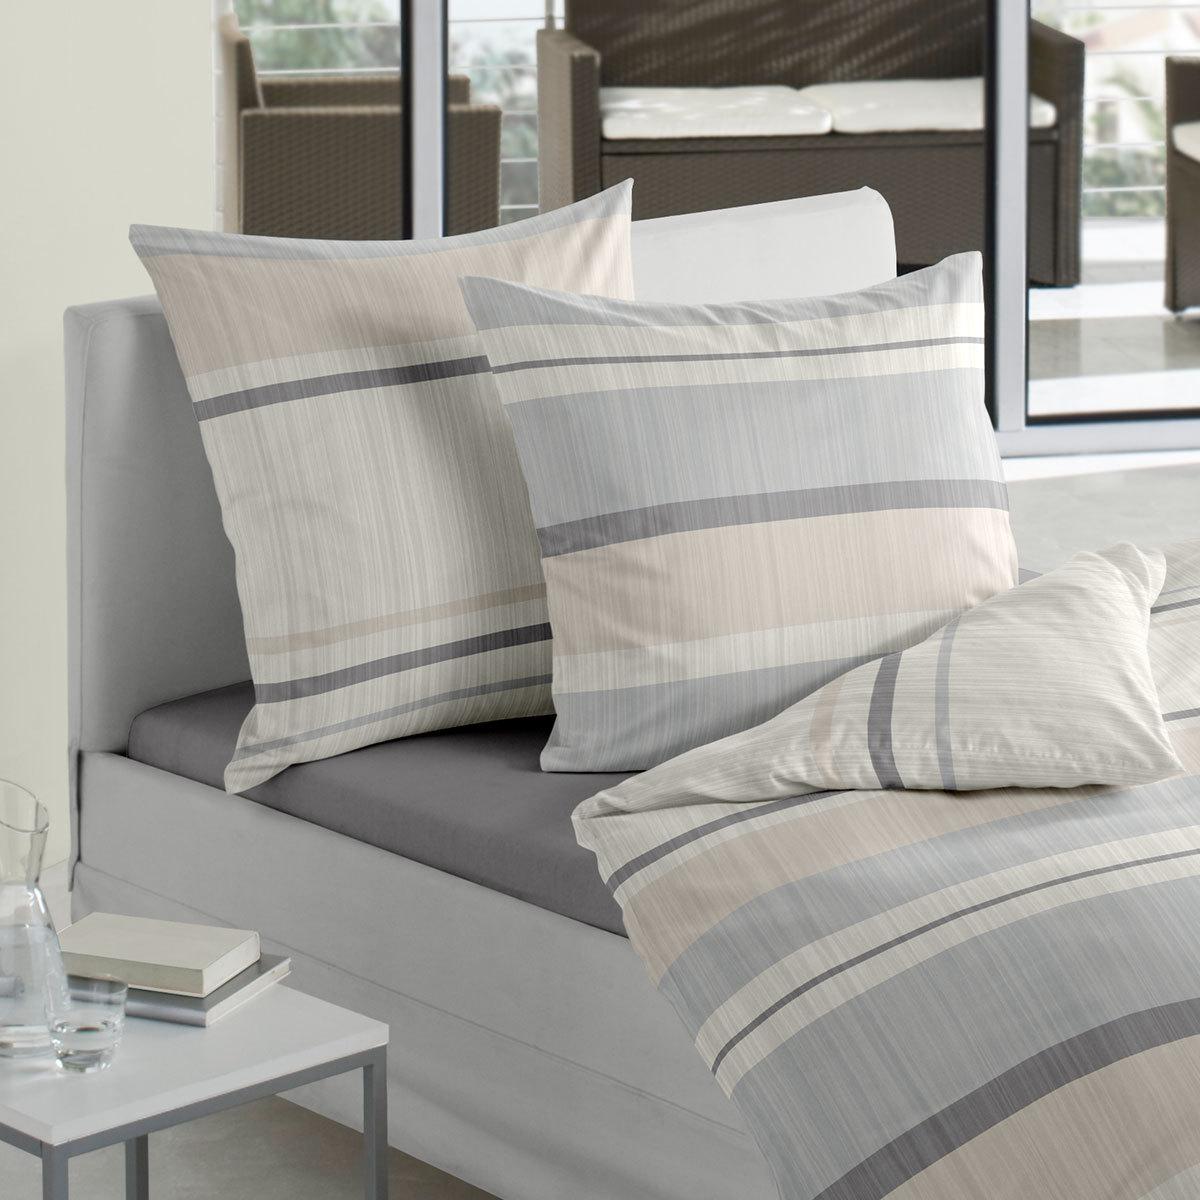 traumschlaf mako satin bettw sche basic g nstig online. Black Bedroom Furniture Sets. Home Design Ideas